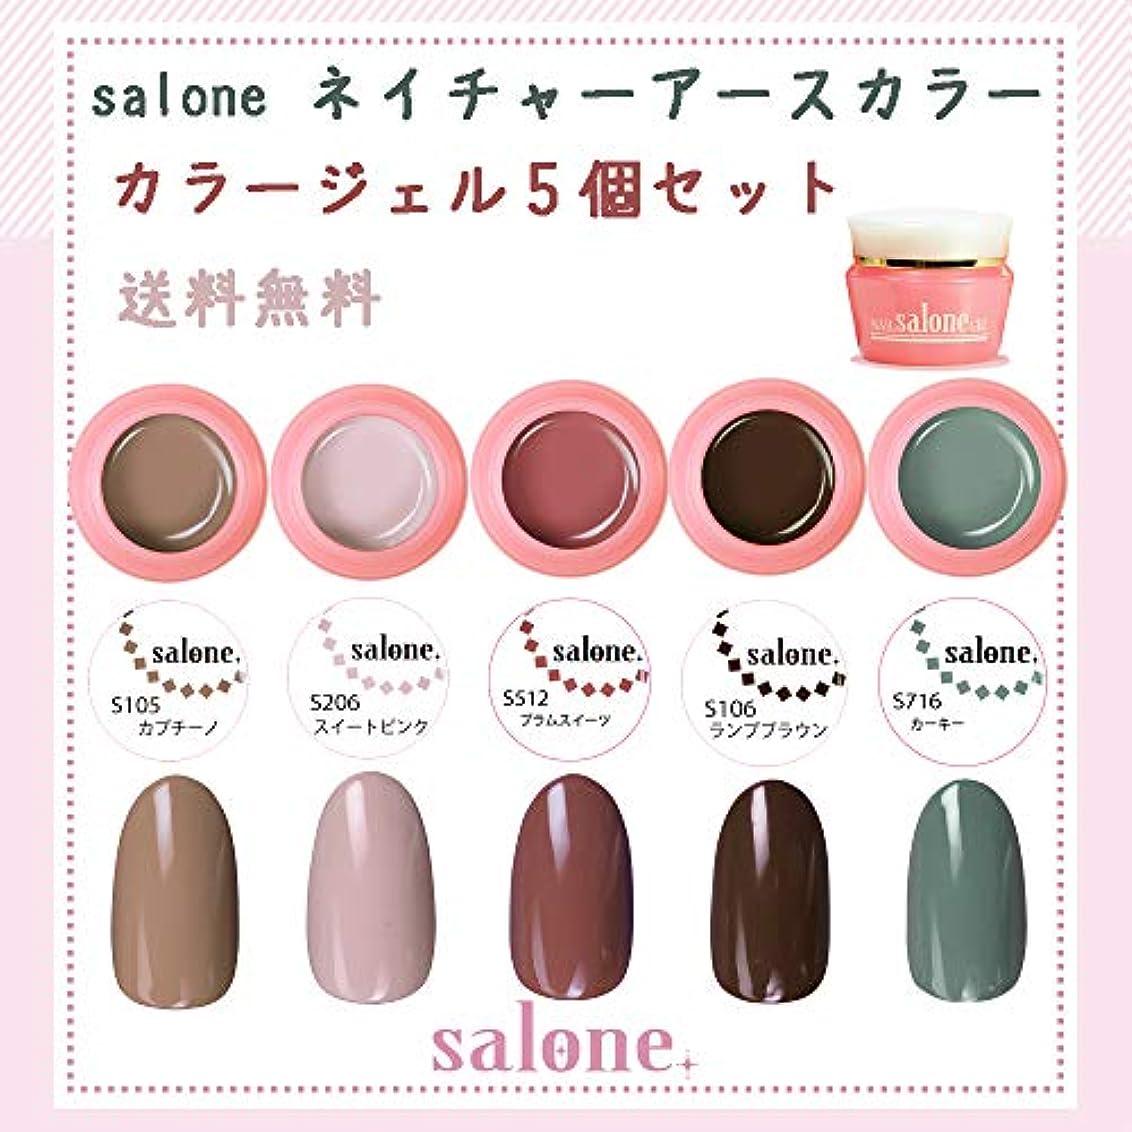 ピルもう一度所属【送料無料 日本製】Salone ネイチャーアースカラー カラージェル5個セット ボタニカルでネイチャーなカラーをチョイスしました。